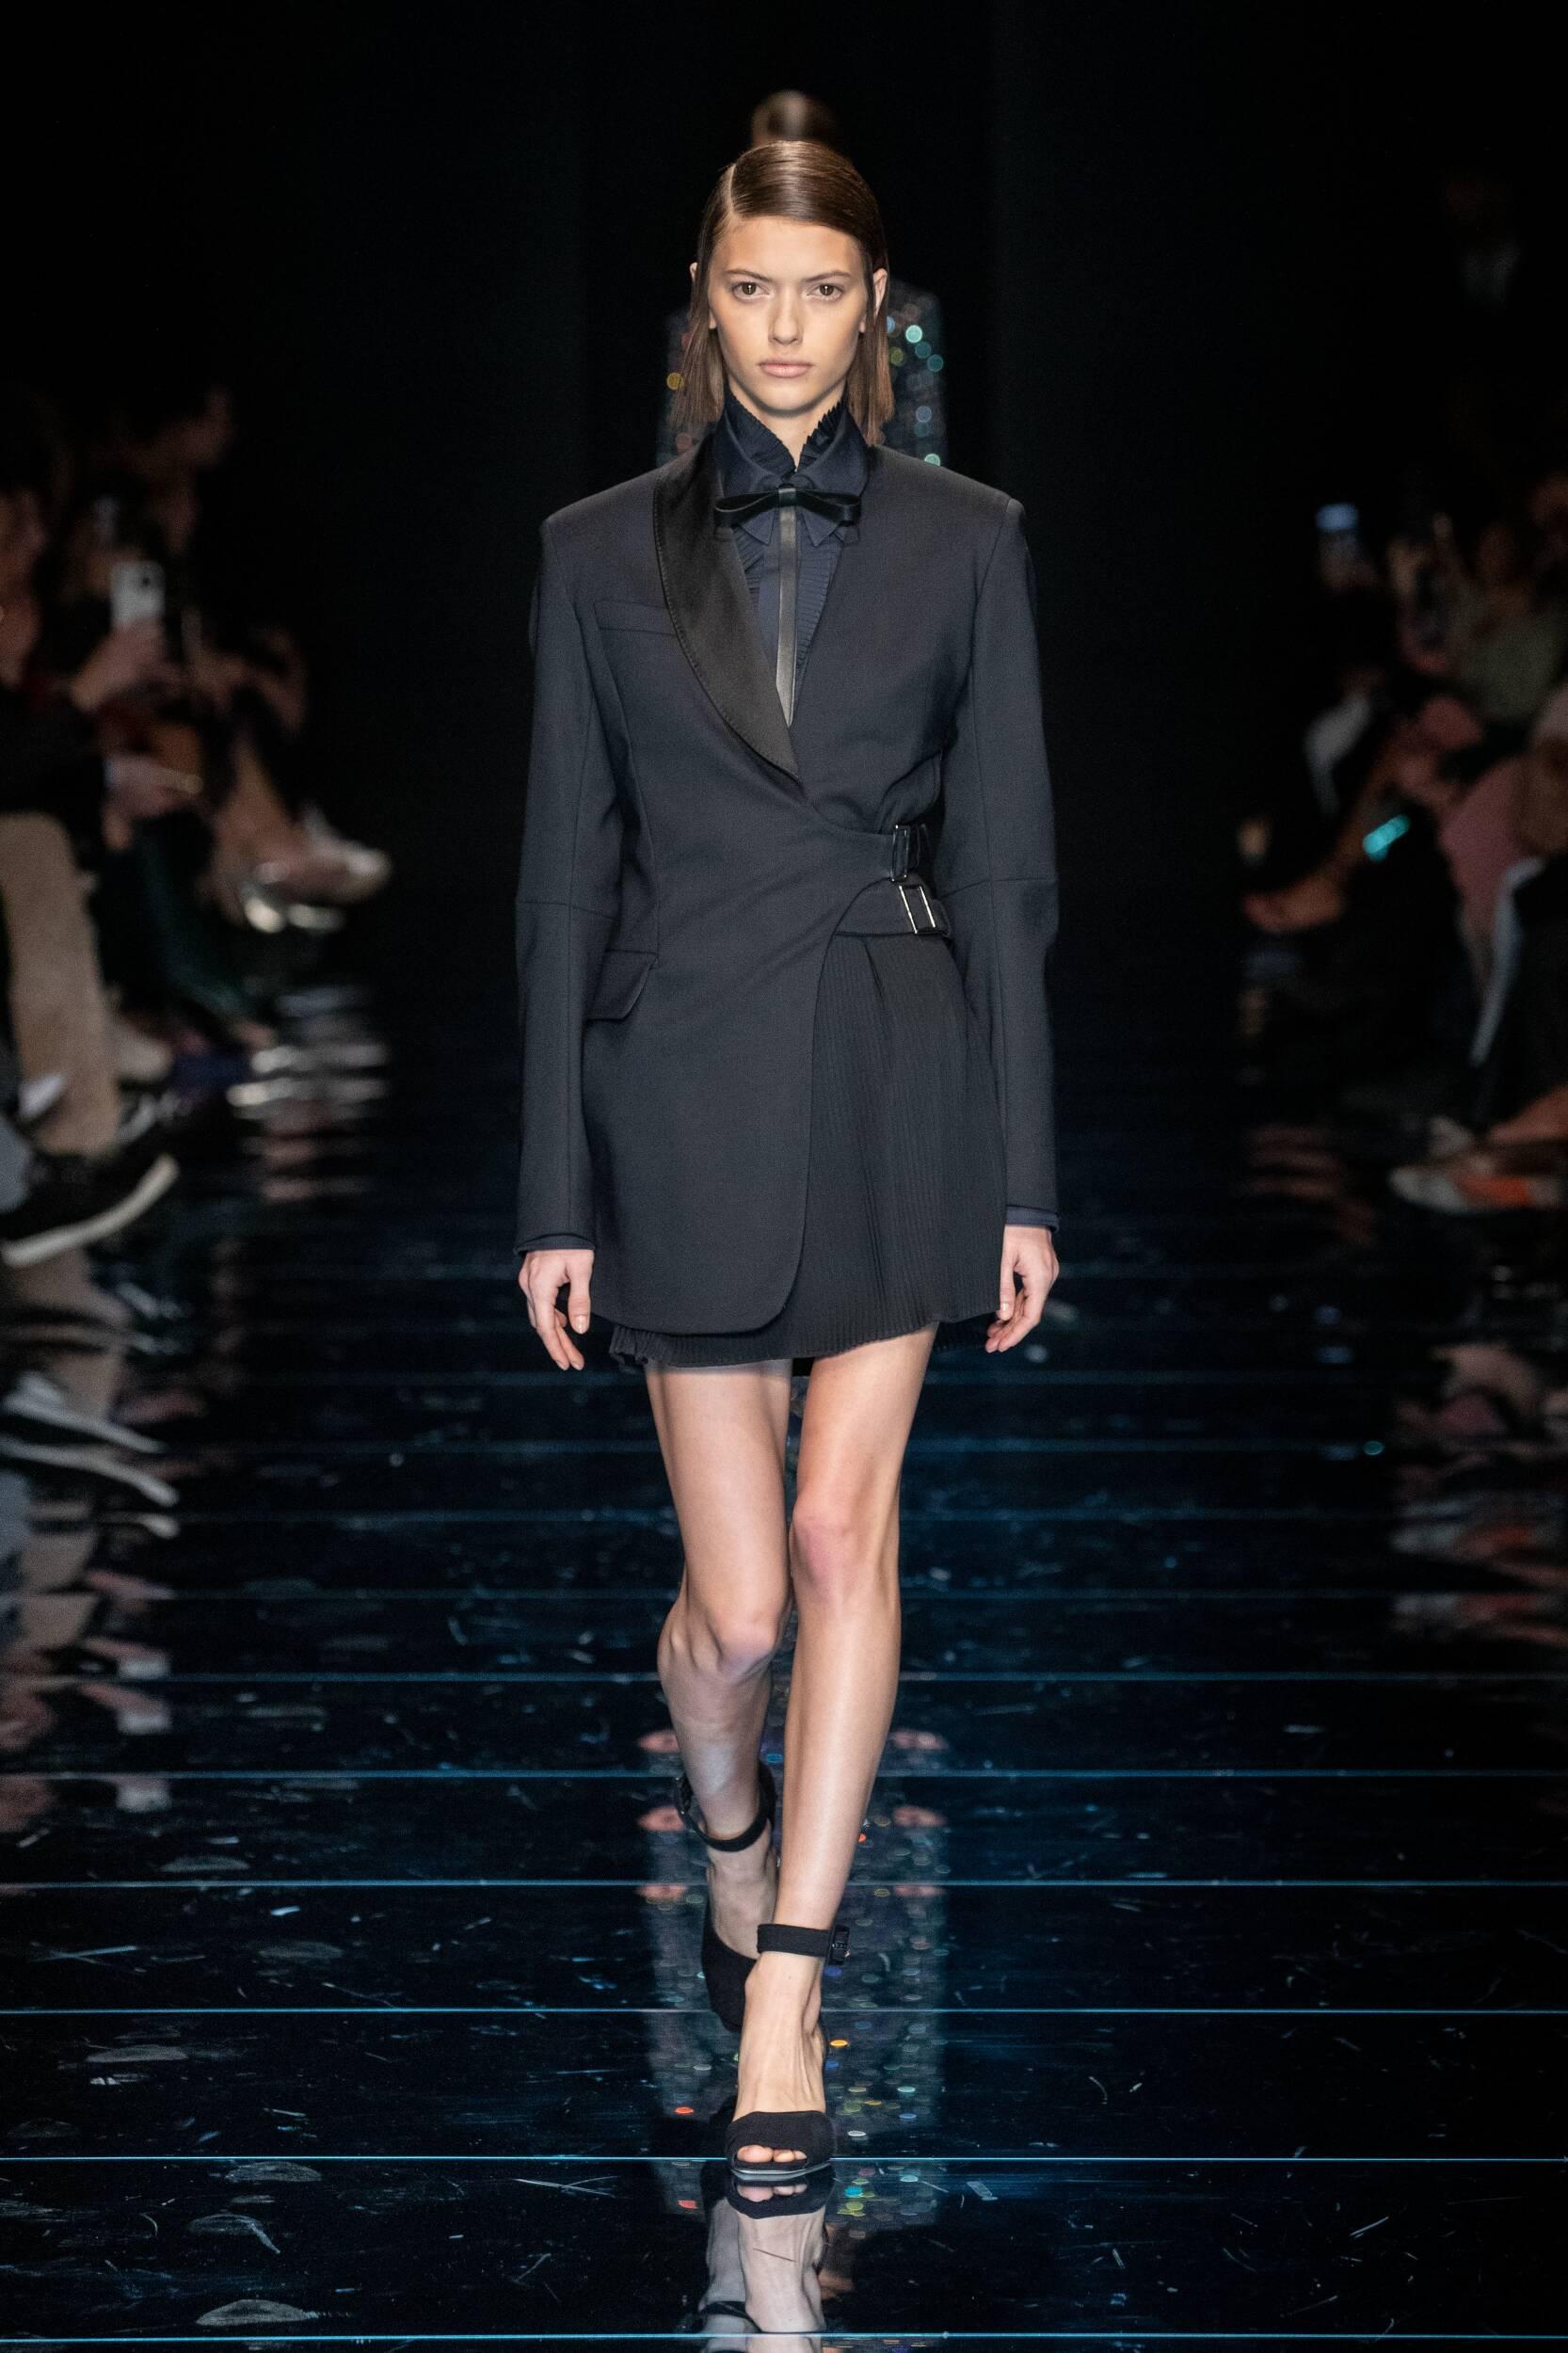 FW 2020-21 Sportmax Fashion Show Milan